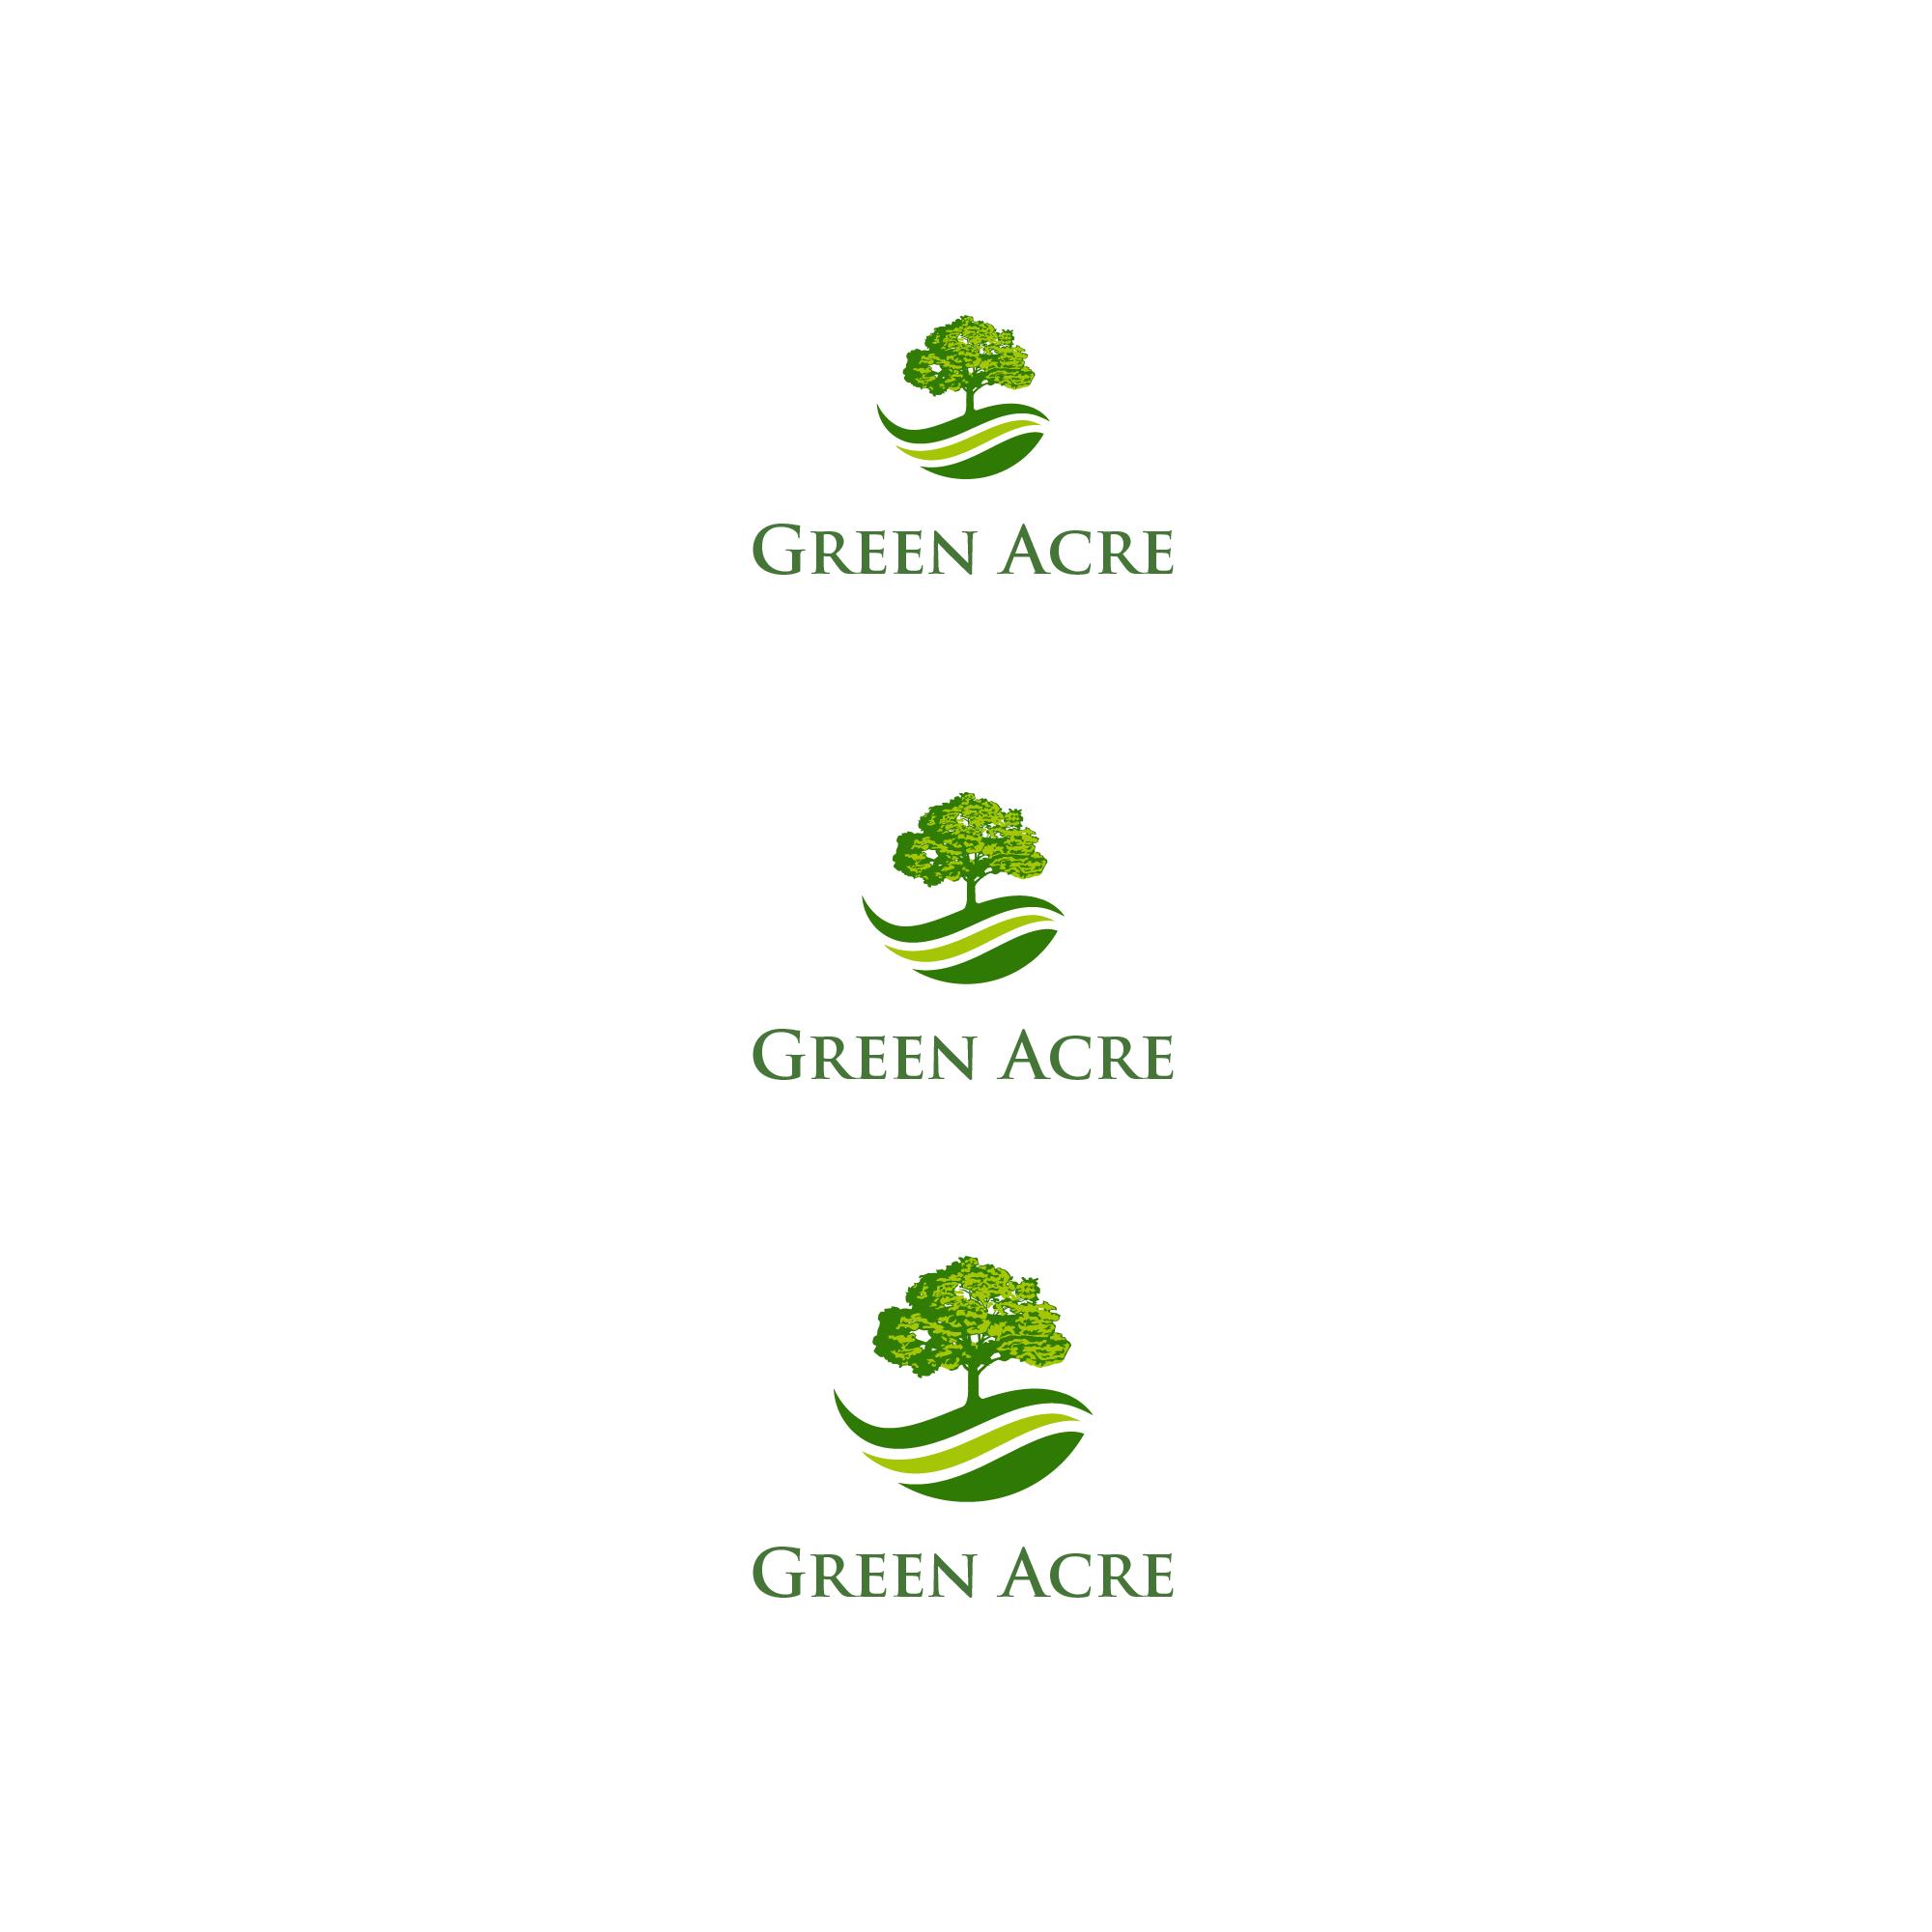 Opstartend tuinonderhoudsbedrijf zoekt klassevol logo